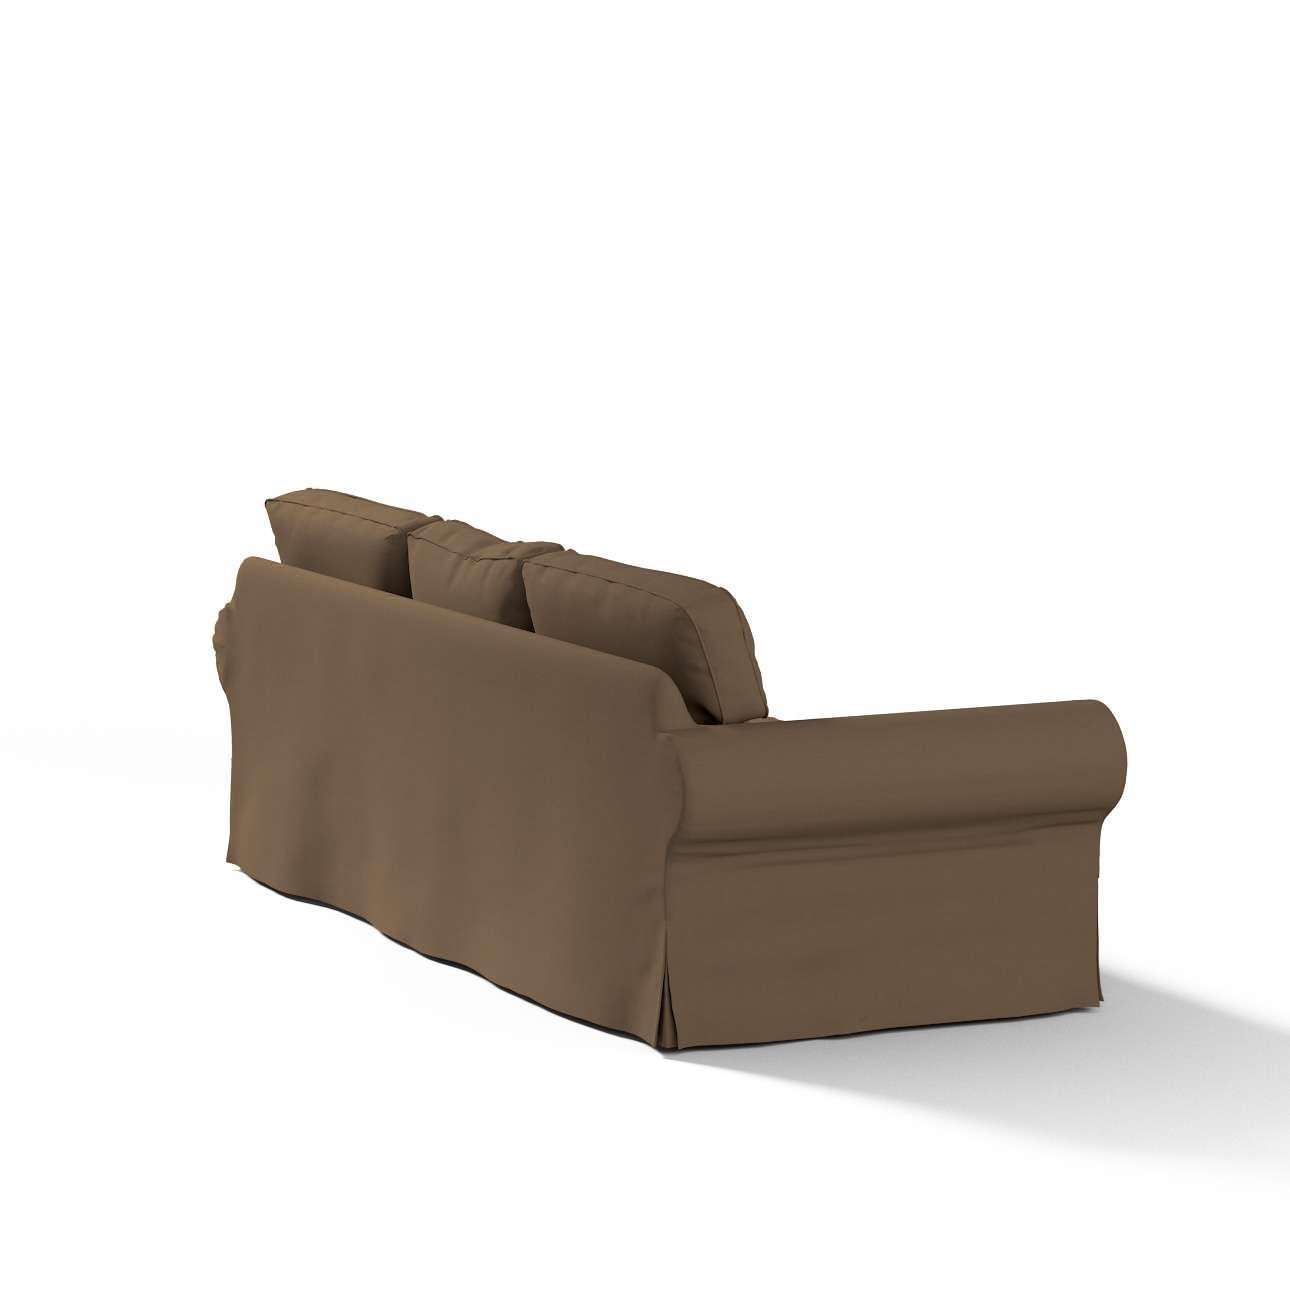 Ektorp trivietės sofos užvalkalas kolekcijoje Cotton Panama, audinys: 702-02